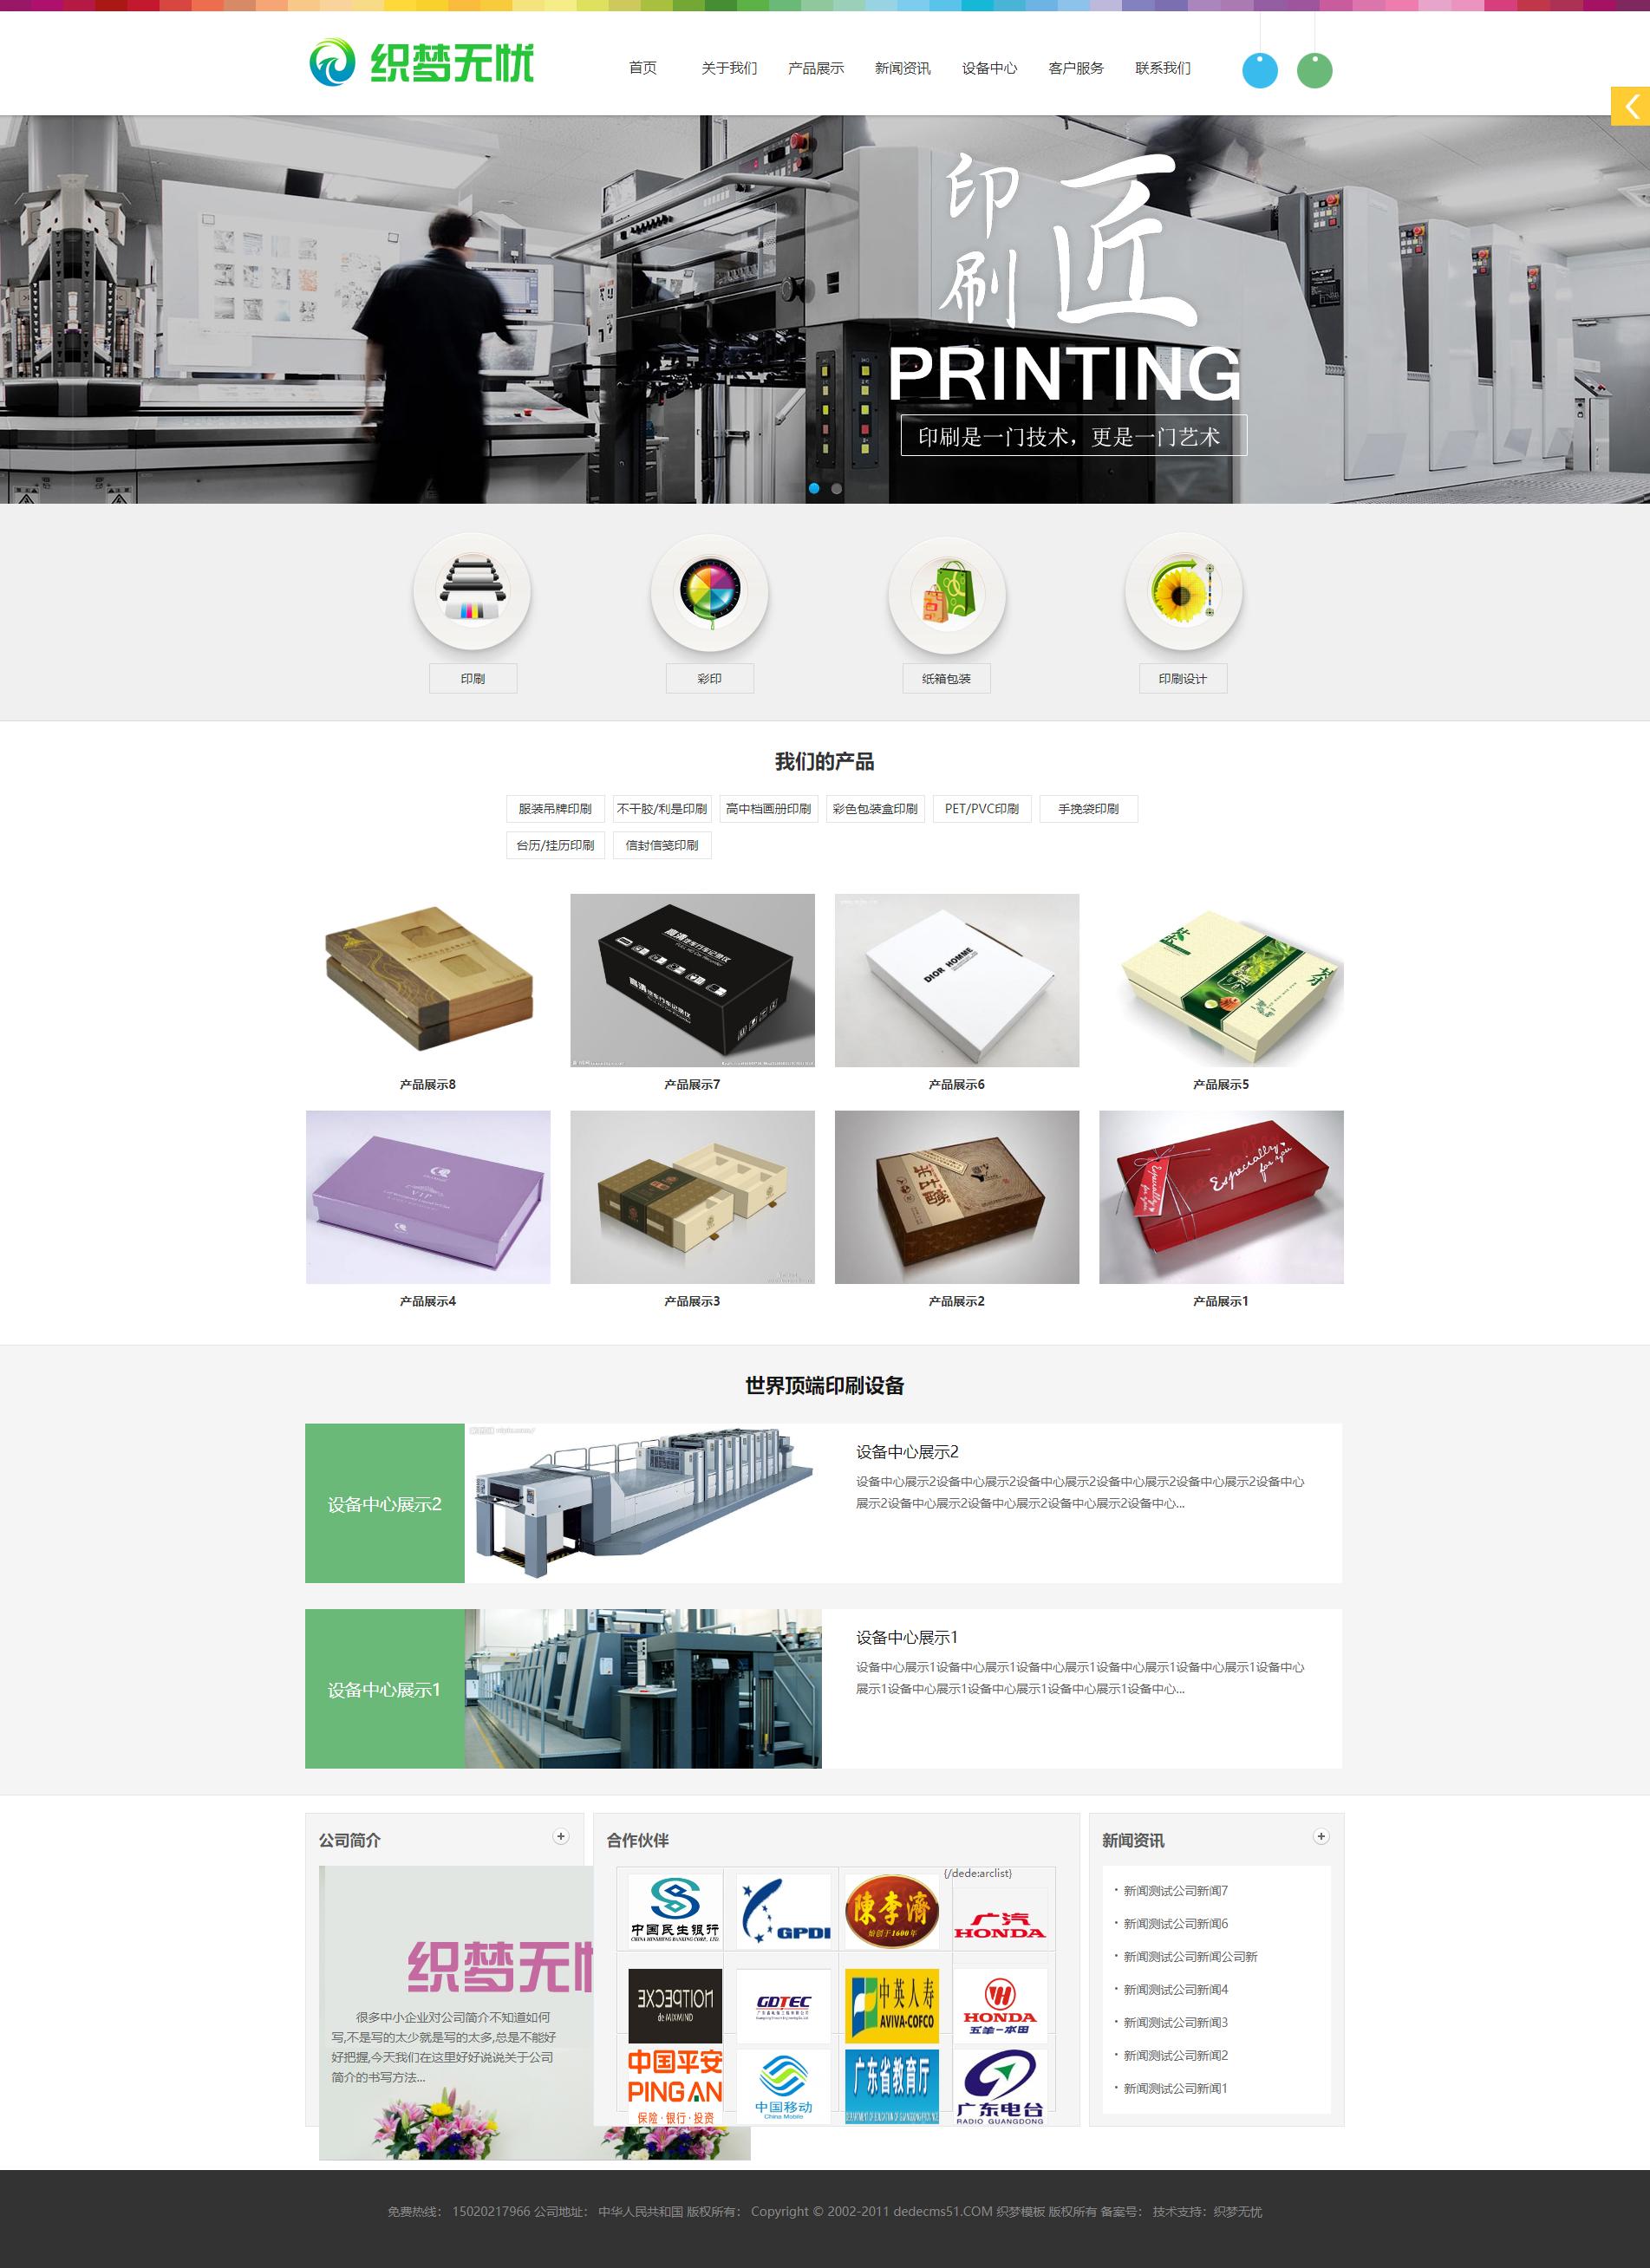 包装印刷广告创意设计/图文公司企业官网织梦网站dedecms模板免费下载带移动端插图